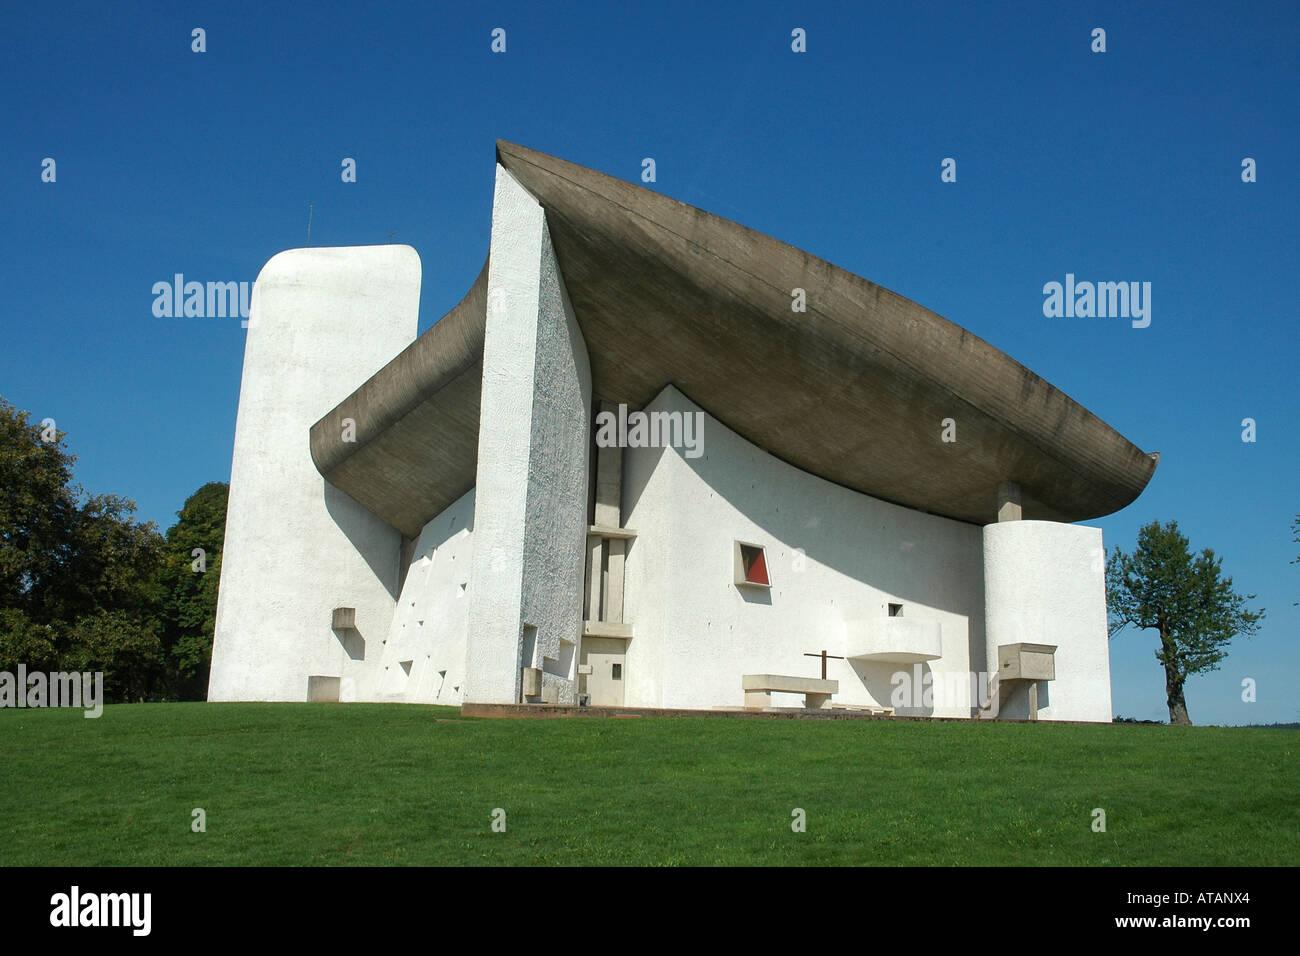 La chapelle Notre-Dame-du-haut par l'architecte Le Corbusier, sur une colline au-dessus de Ronchamp en France région Banque D'Images